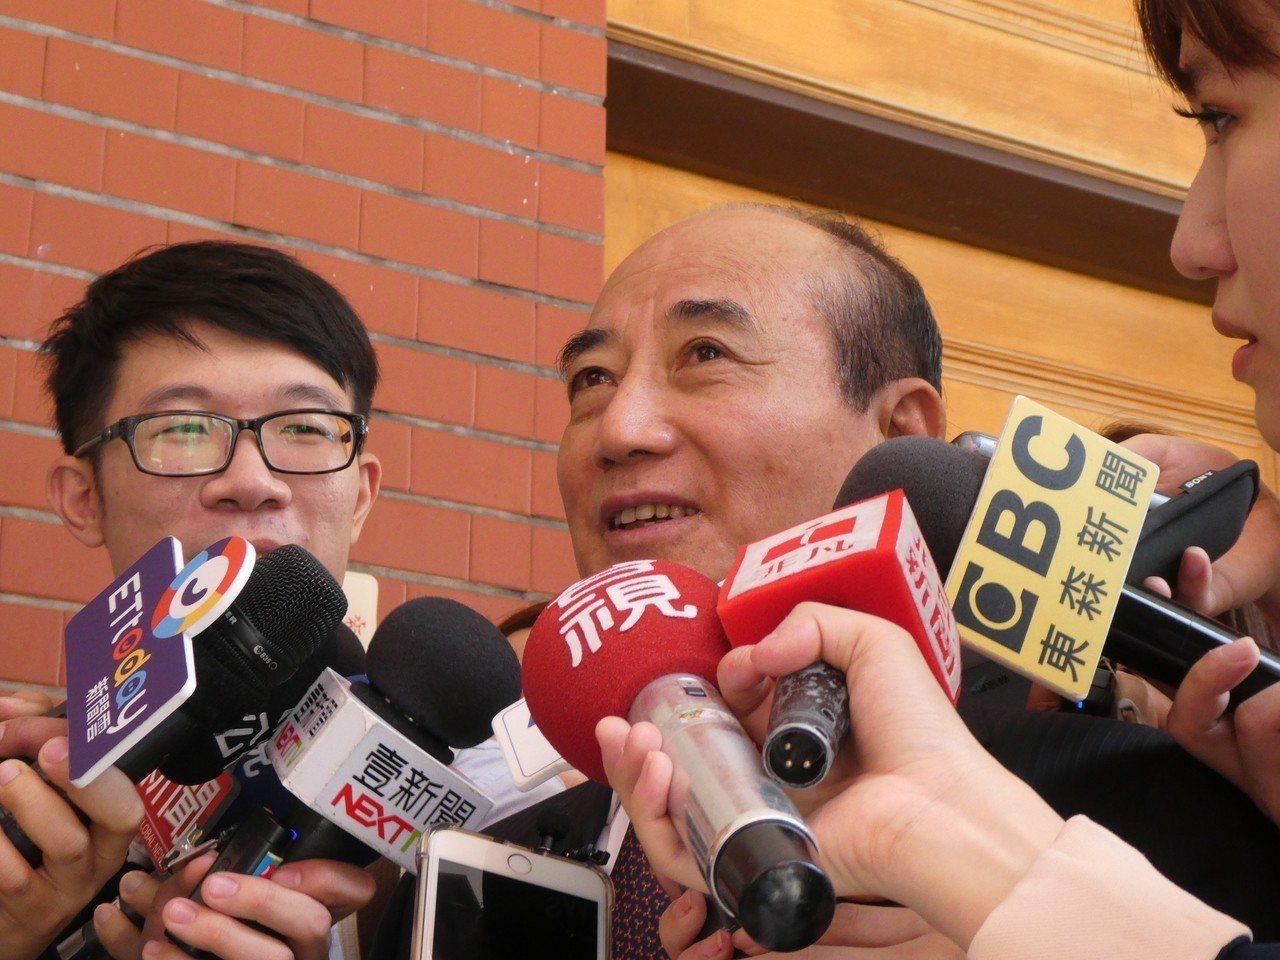 高雄市長韓國瑜明確表達參與國民黨總統初選意願後,黨內關注他與去年市長選舉時力挺他...